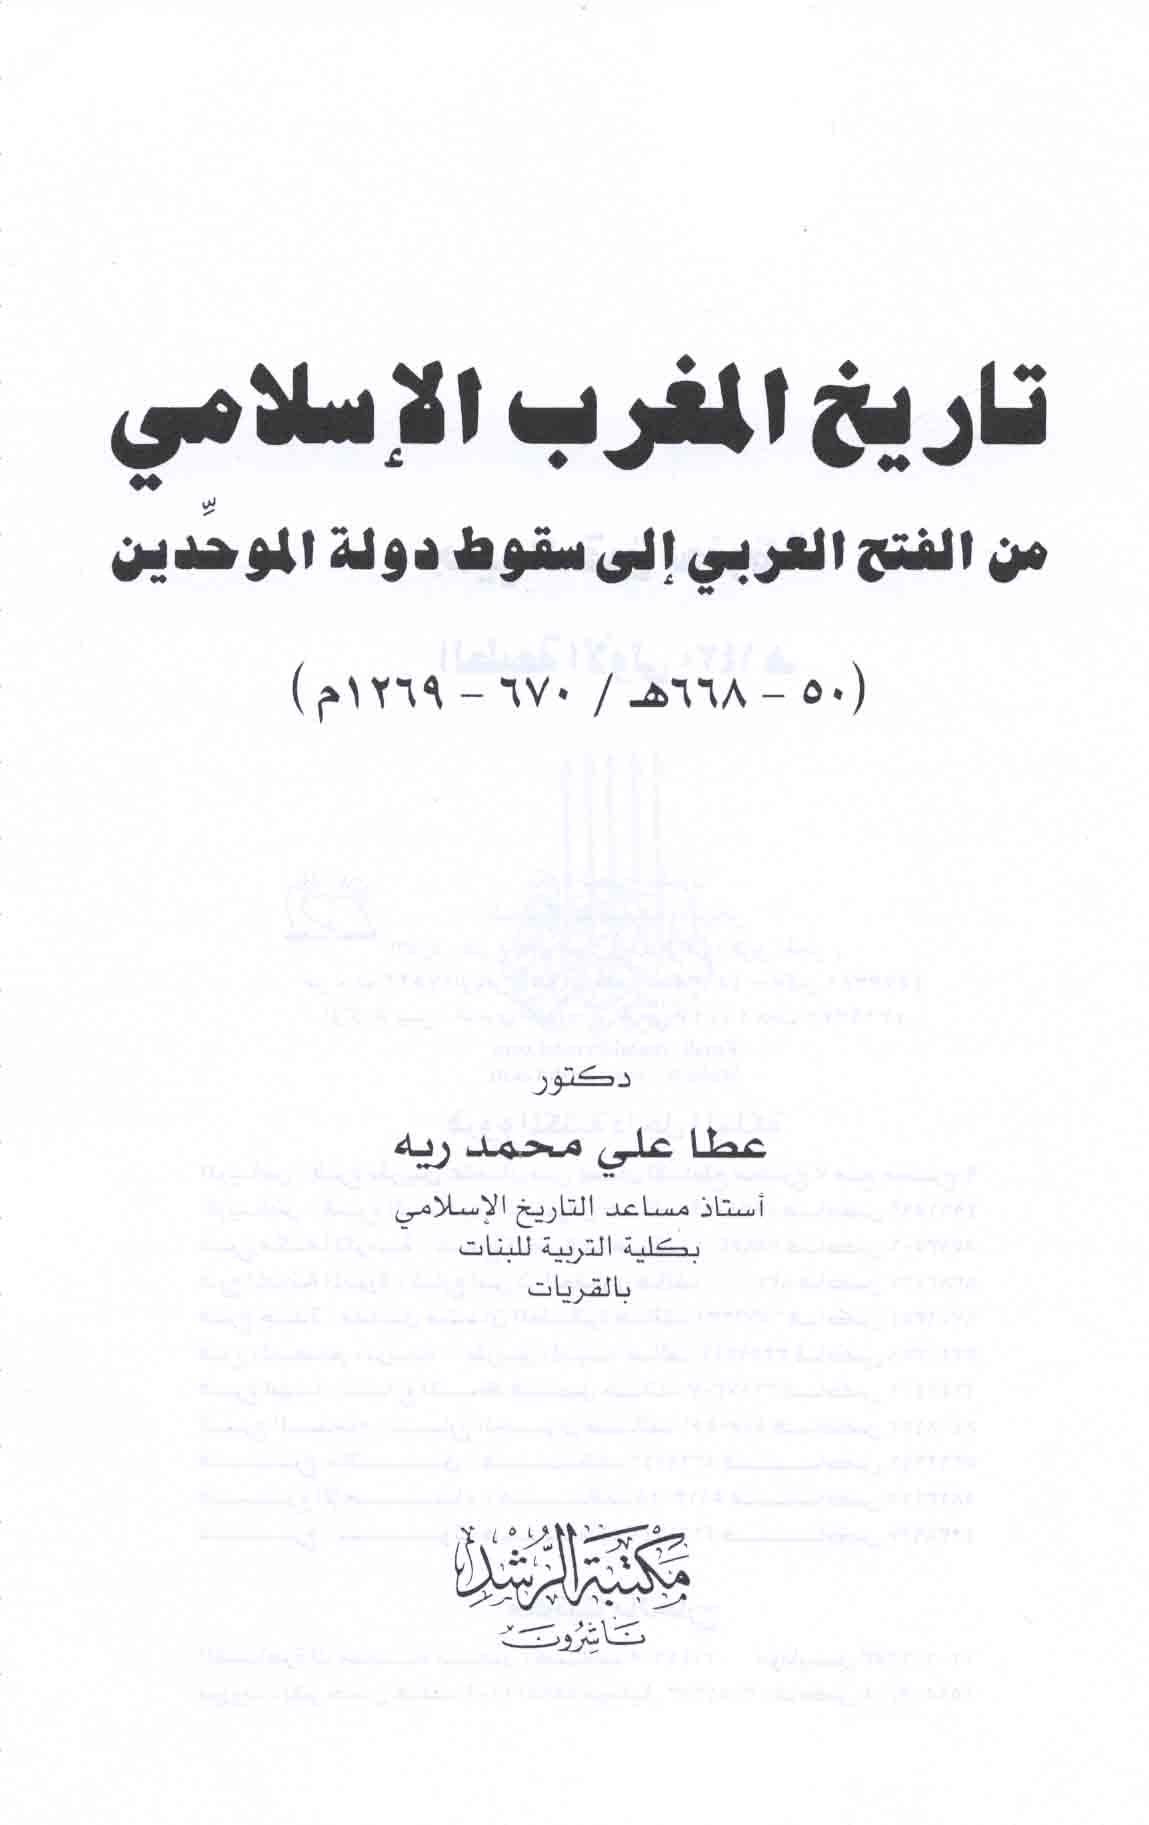 ع گوه تاريخ المغرب العربي